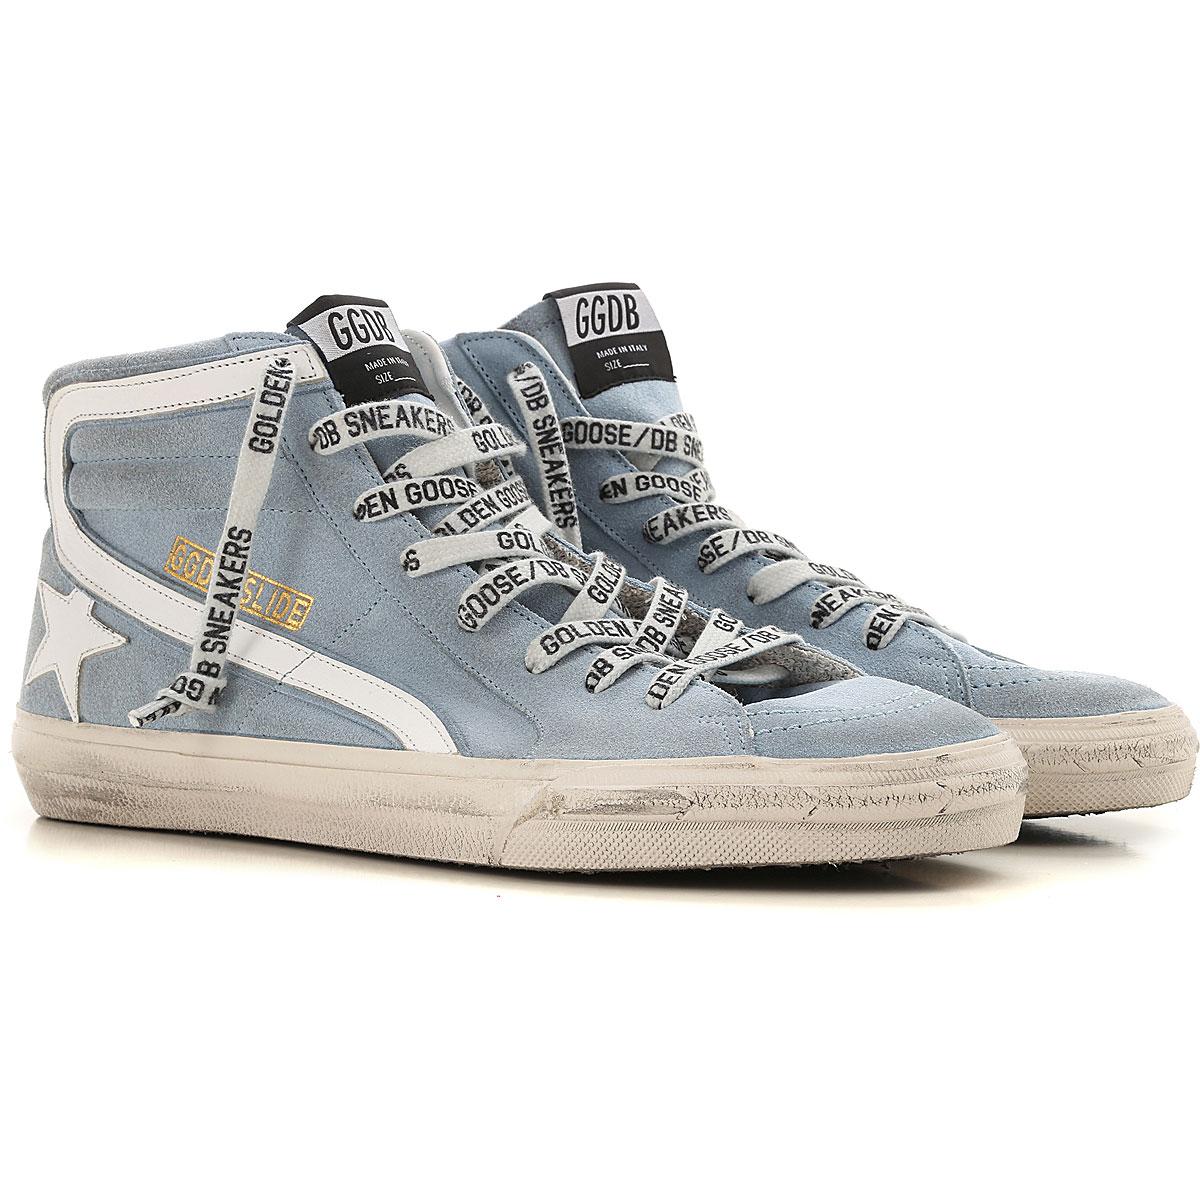 c0c957ae6 Givenchy Ботинки на шнурках для мужчин, оксфорды, дерби и спортивная ...